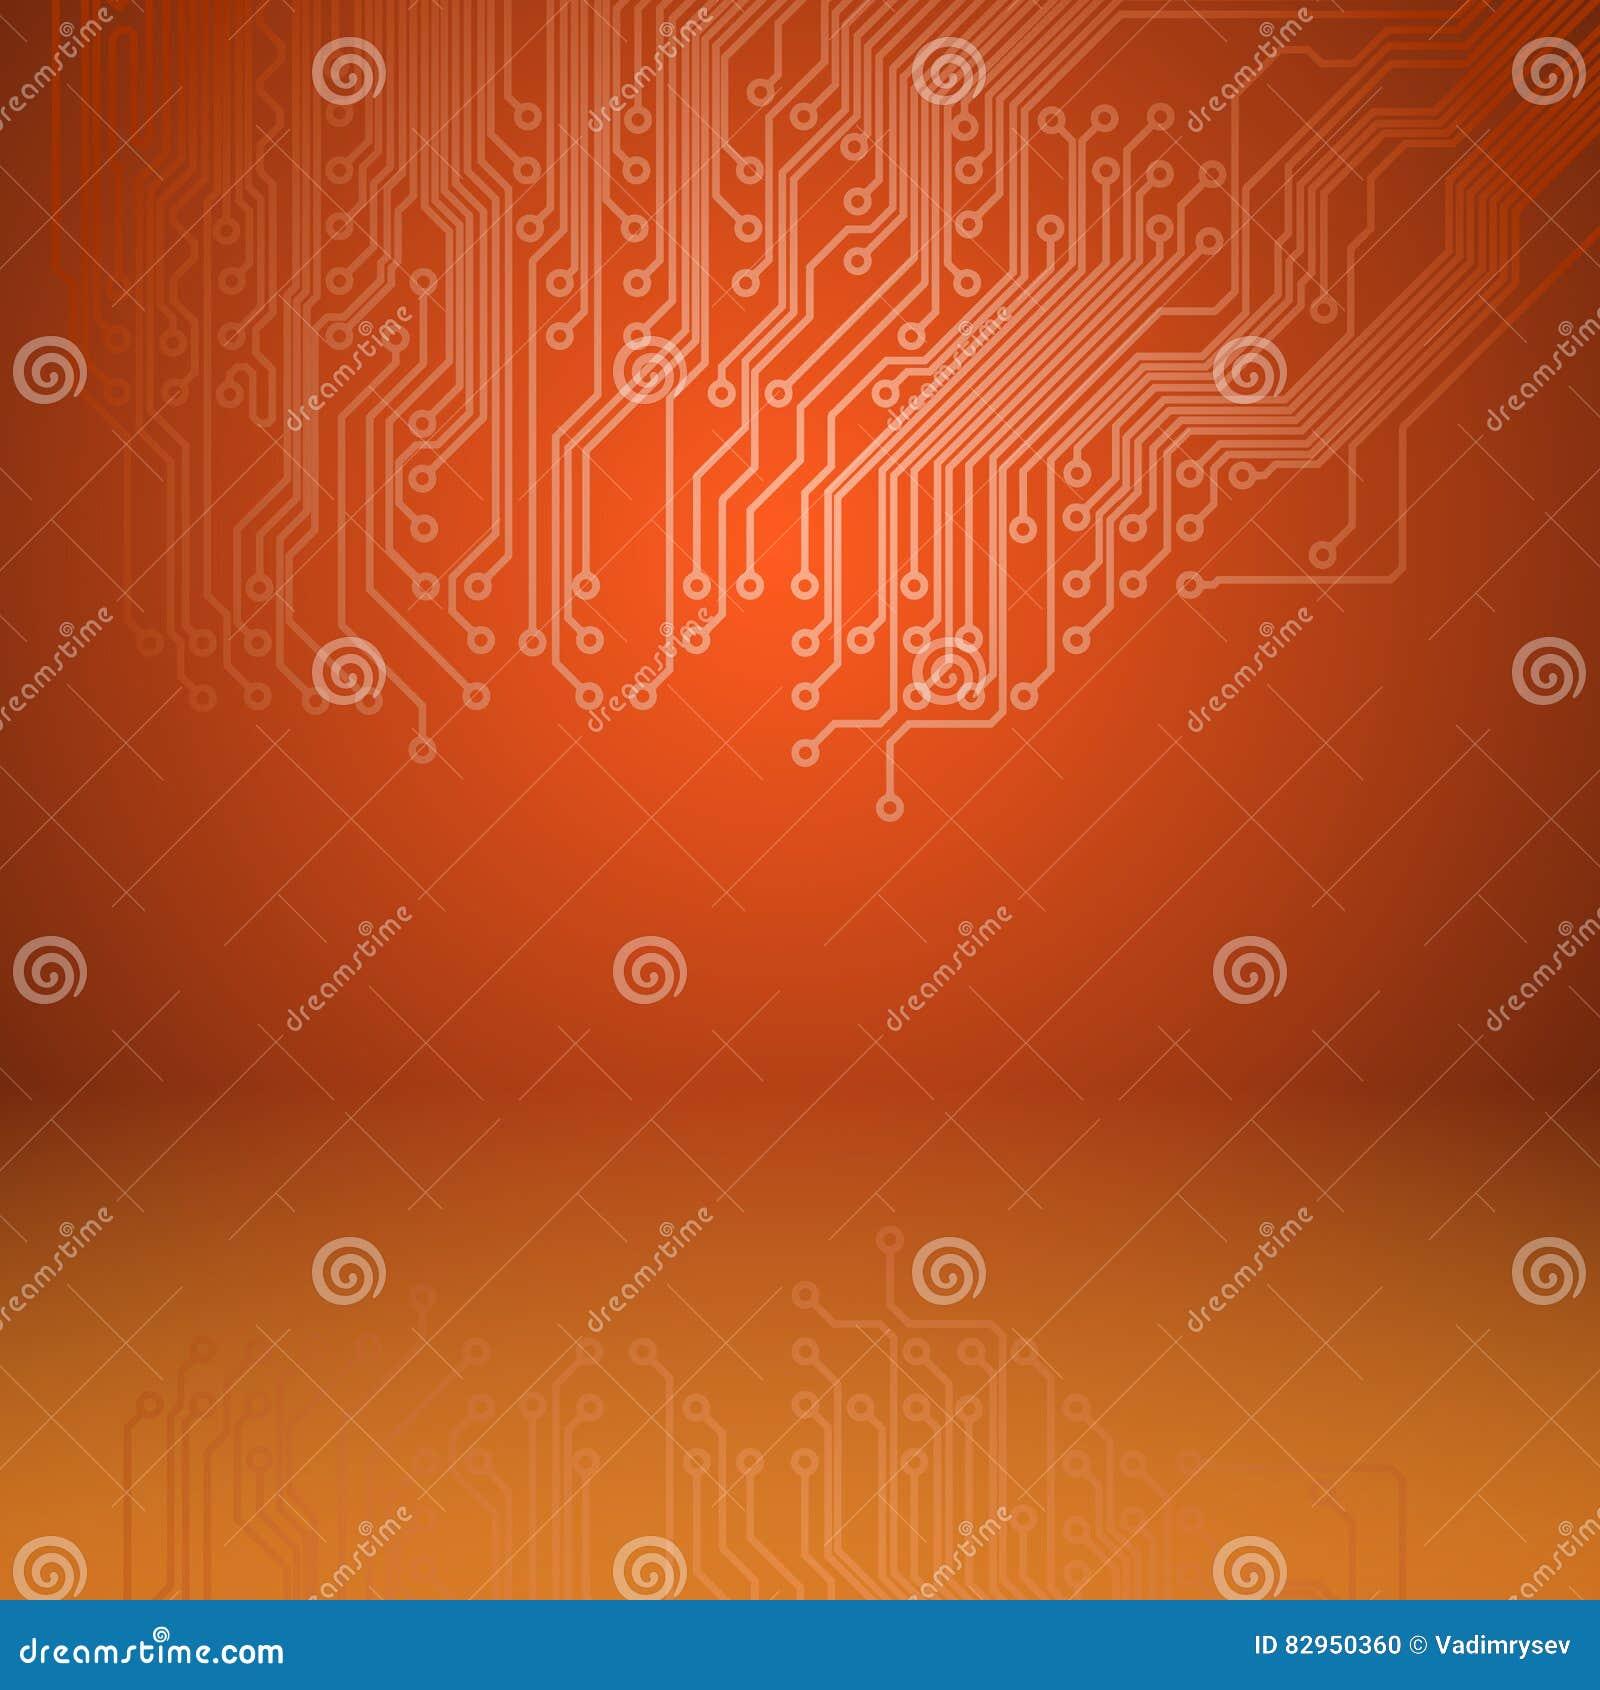 Nett Drahtlitze Kabel Textur Fotos - Die Besten Elektrischen ...